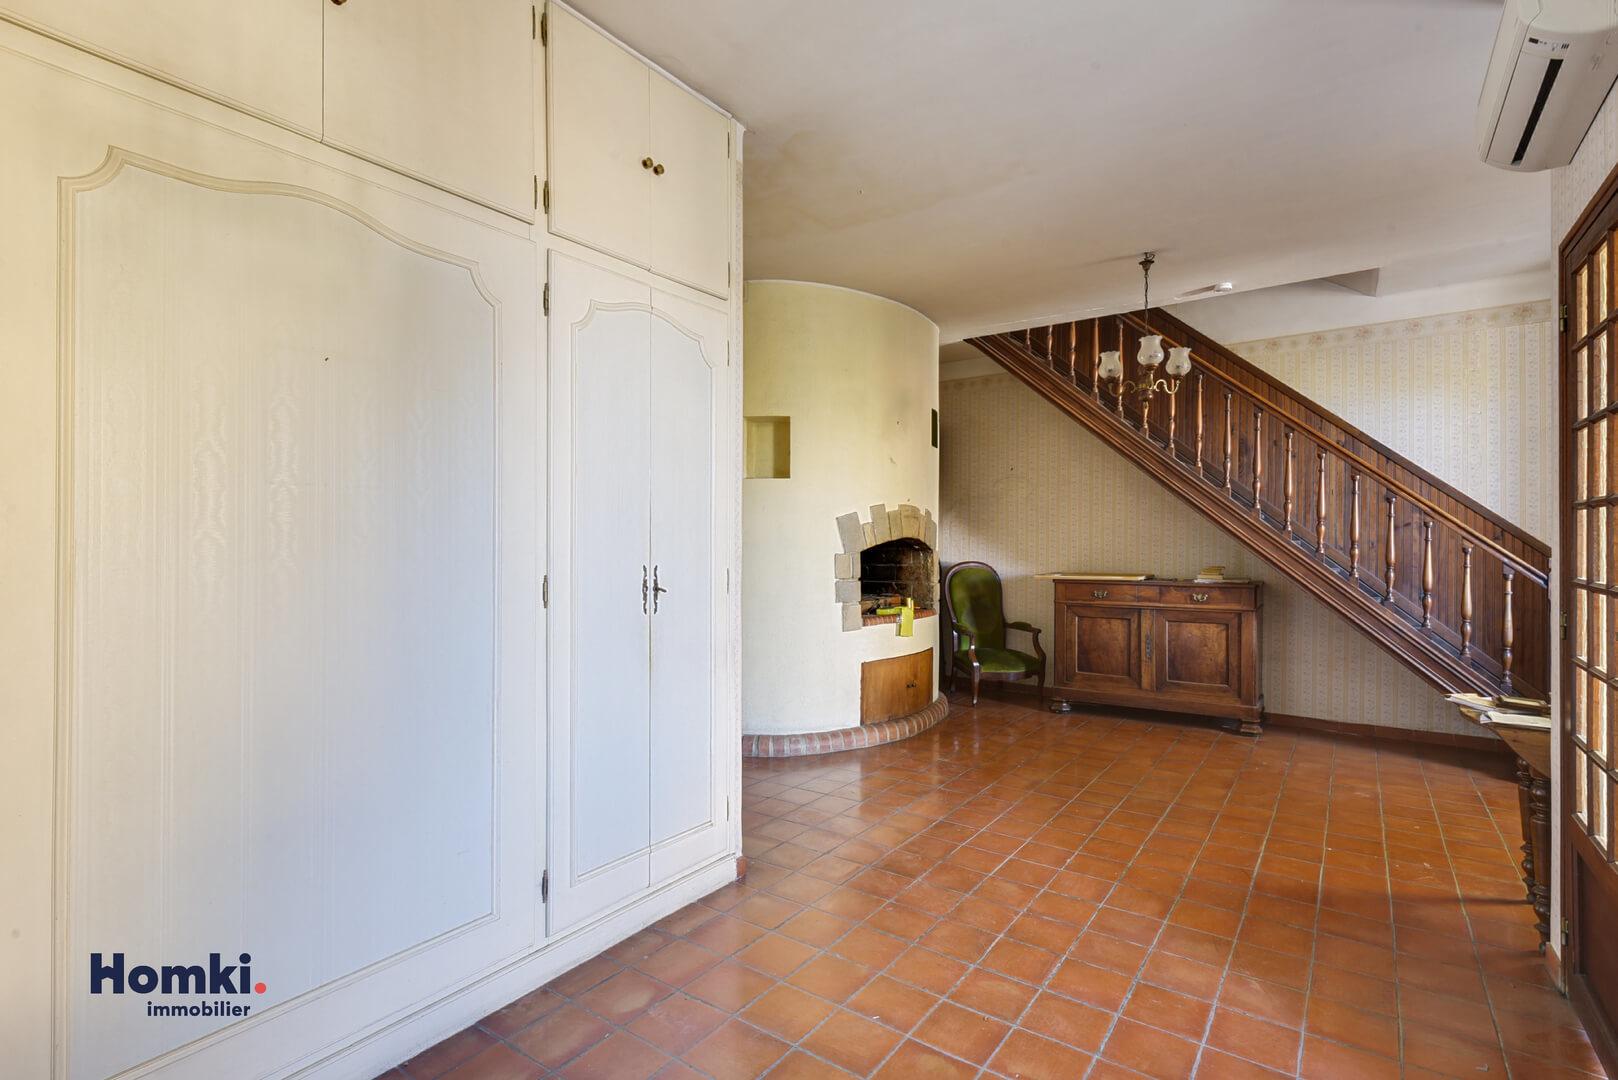 Vente Maison 100 m² T5 13012 Marseille_5